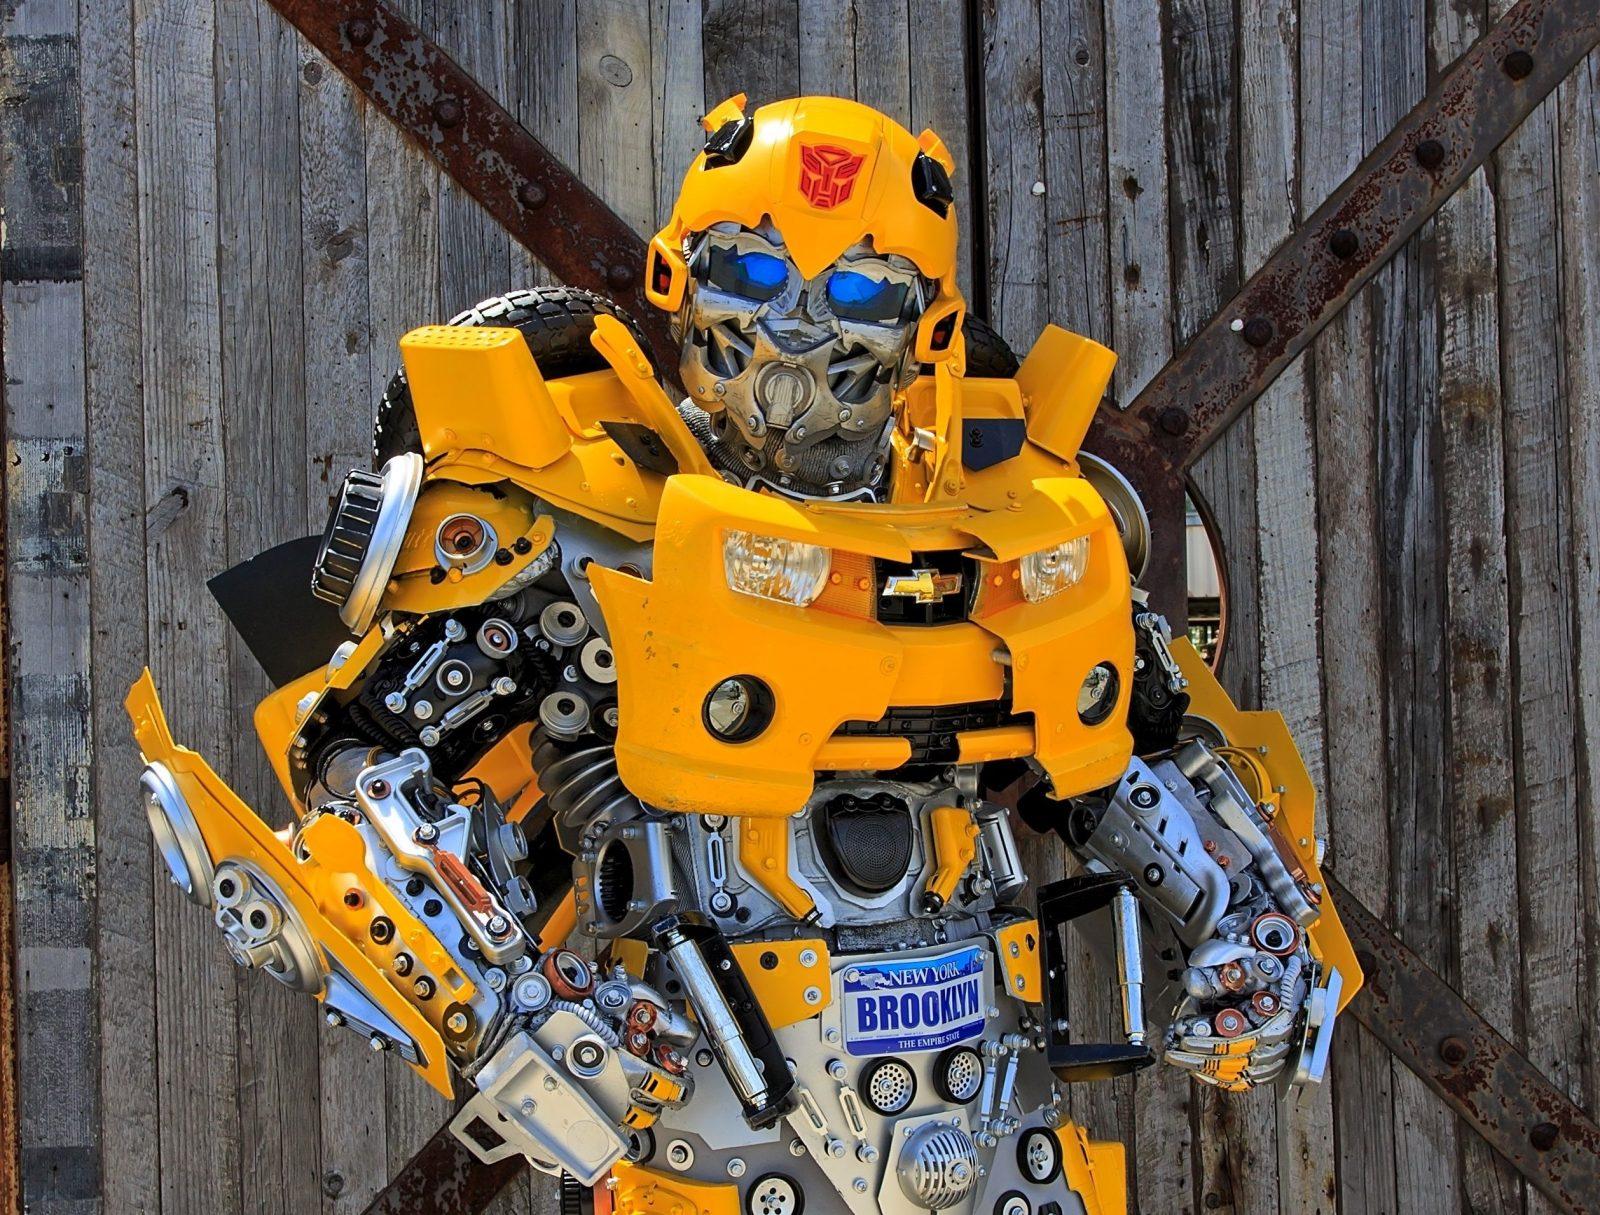 Image: Brooklyn RobotWorks Brooklyn Bumblebee